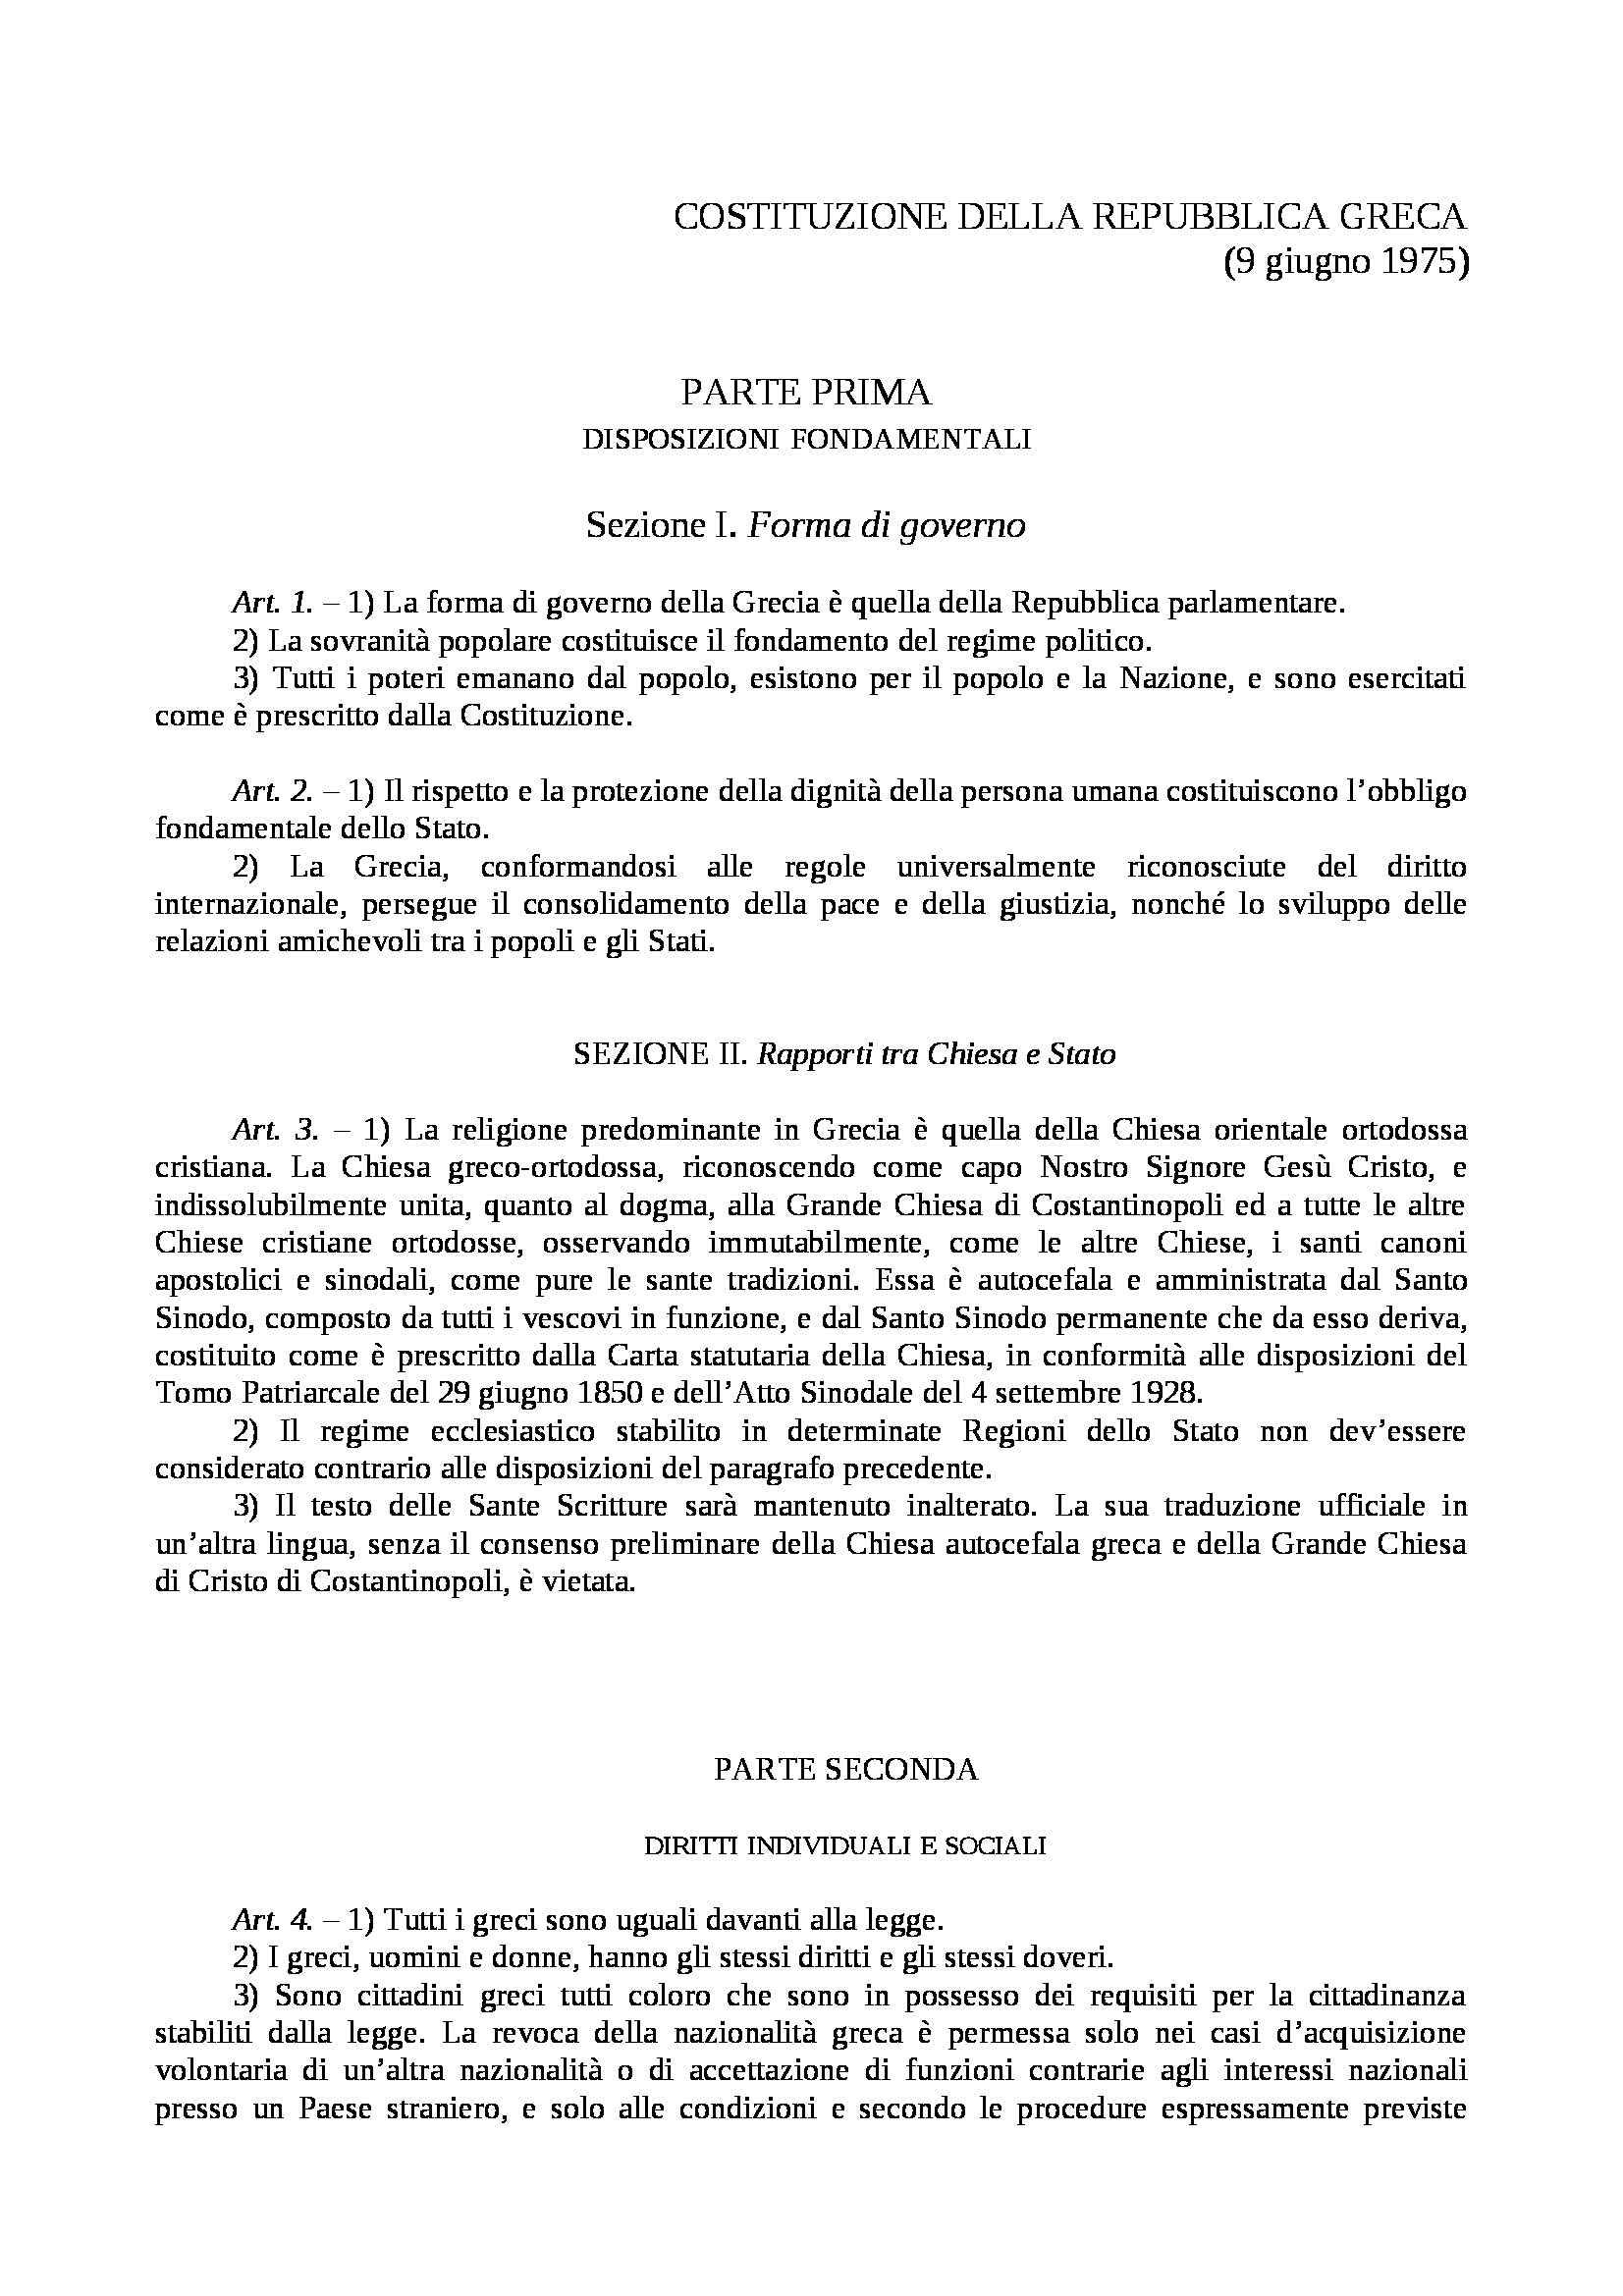 Grecia - Costituzione